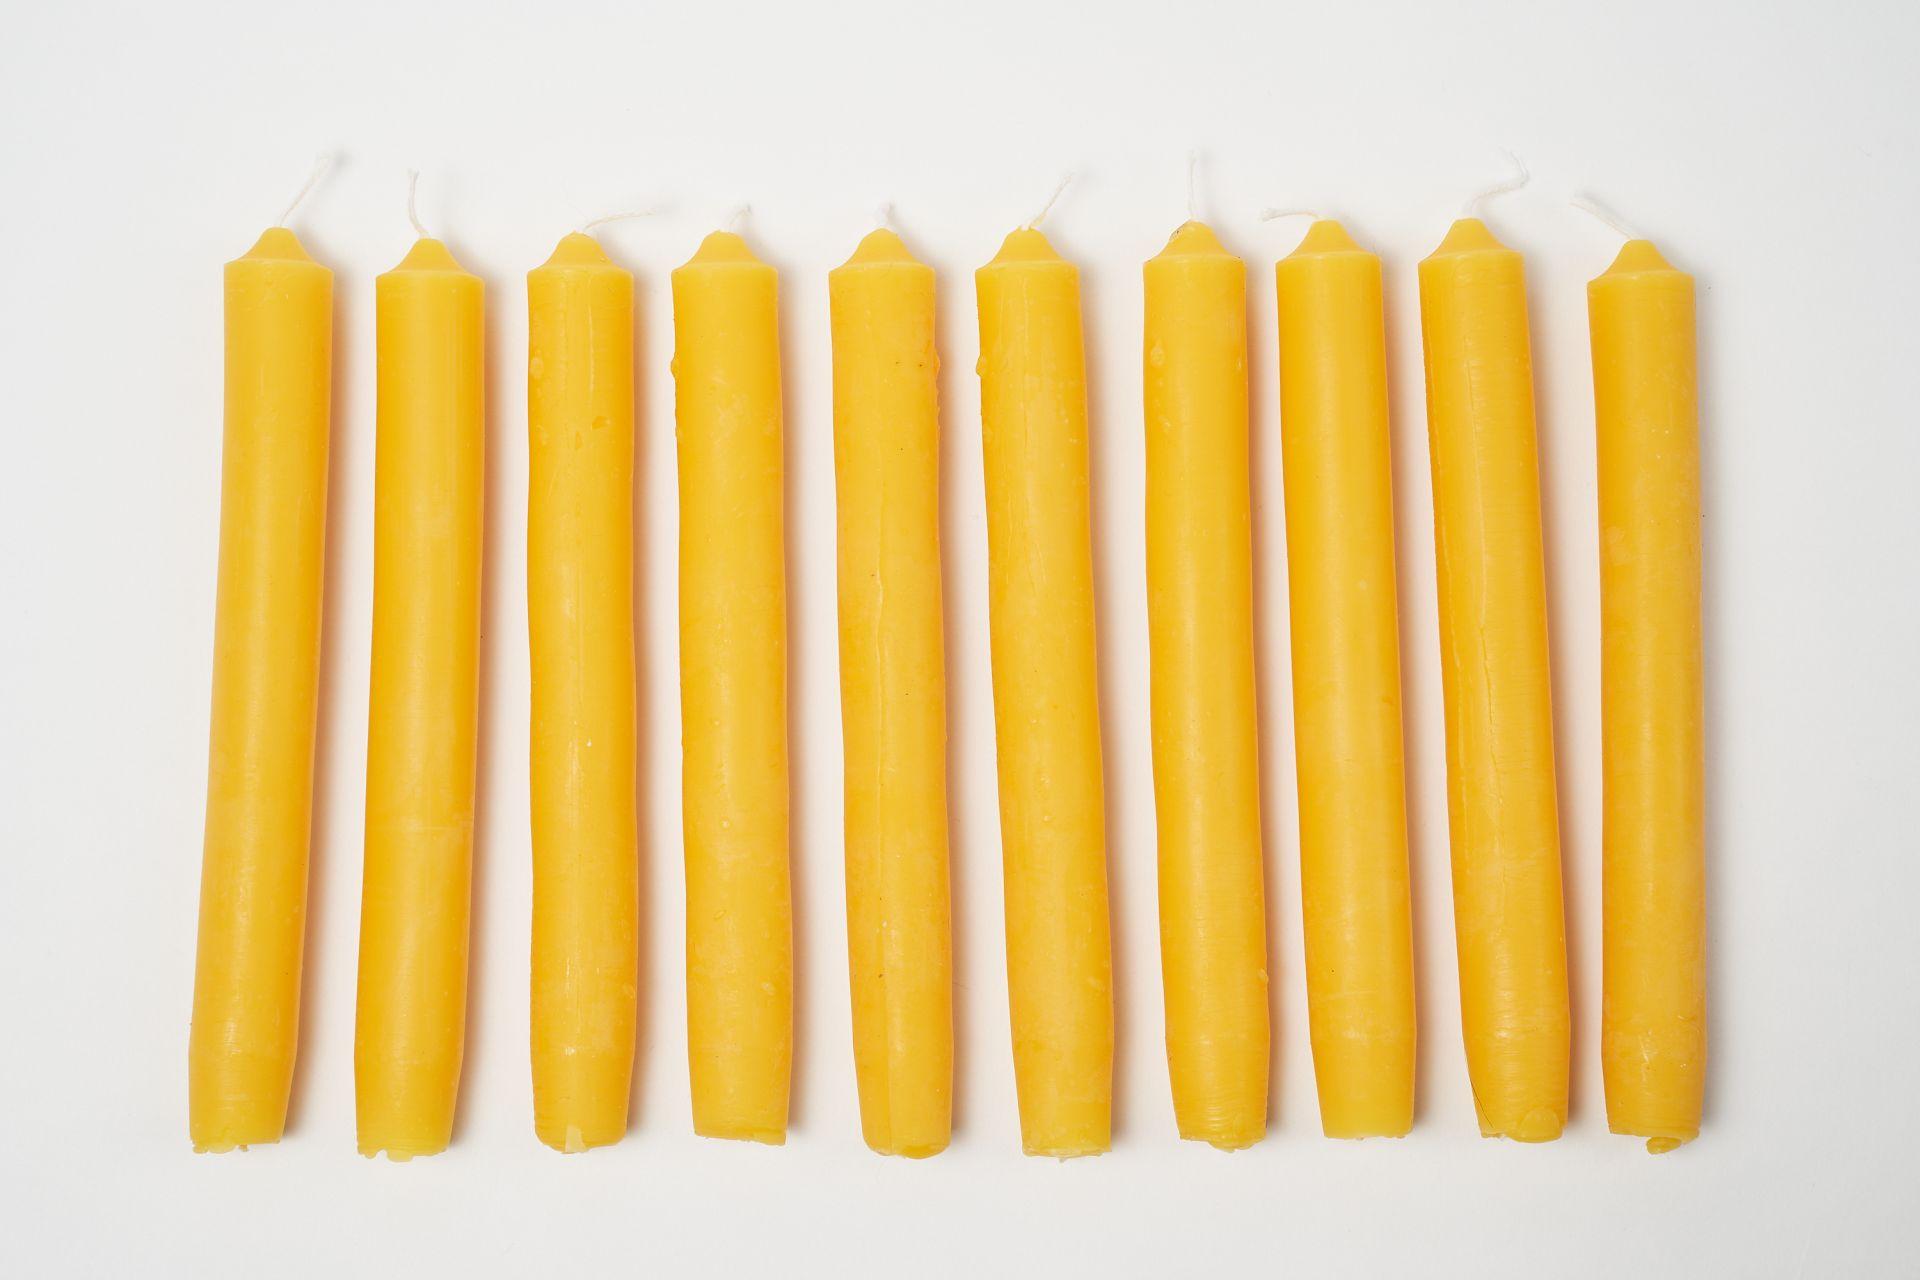 10 Stabkerzen kurz (ca. 18,5cm x 2cm) aus 100% Bienenwachs vom Imker